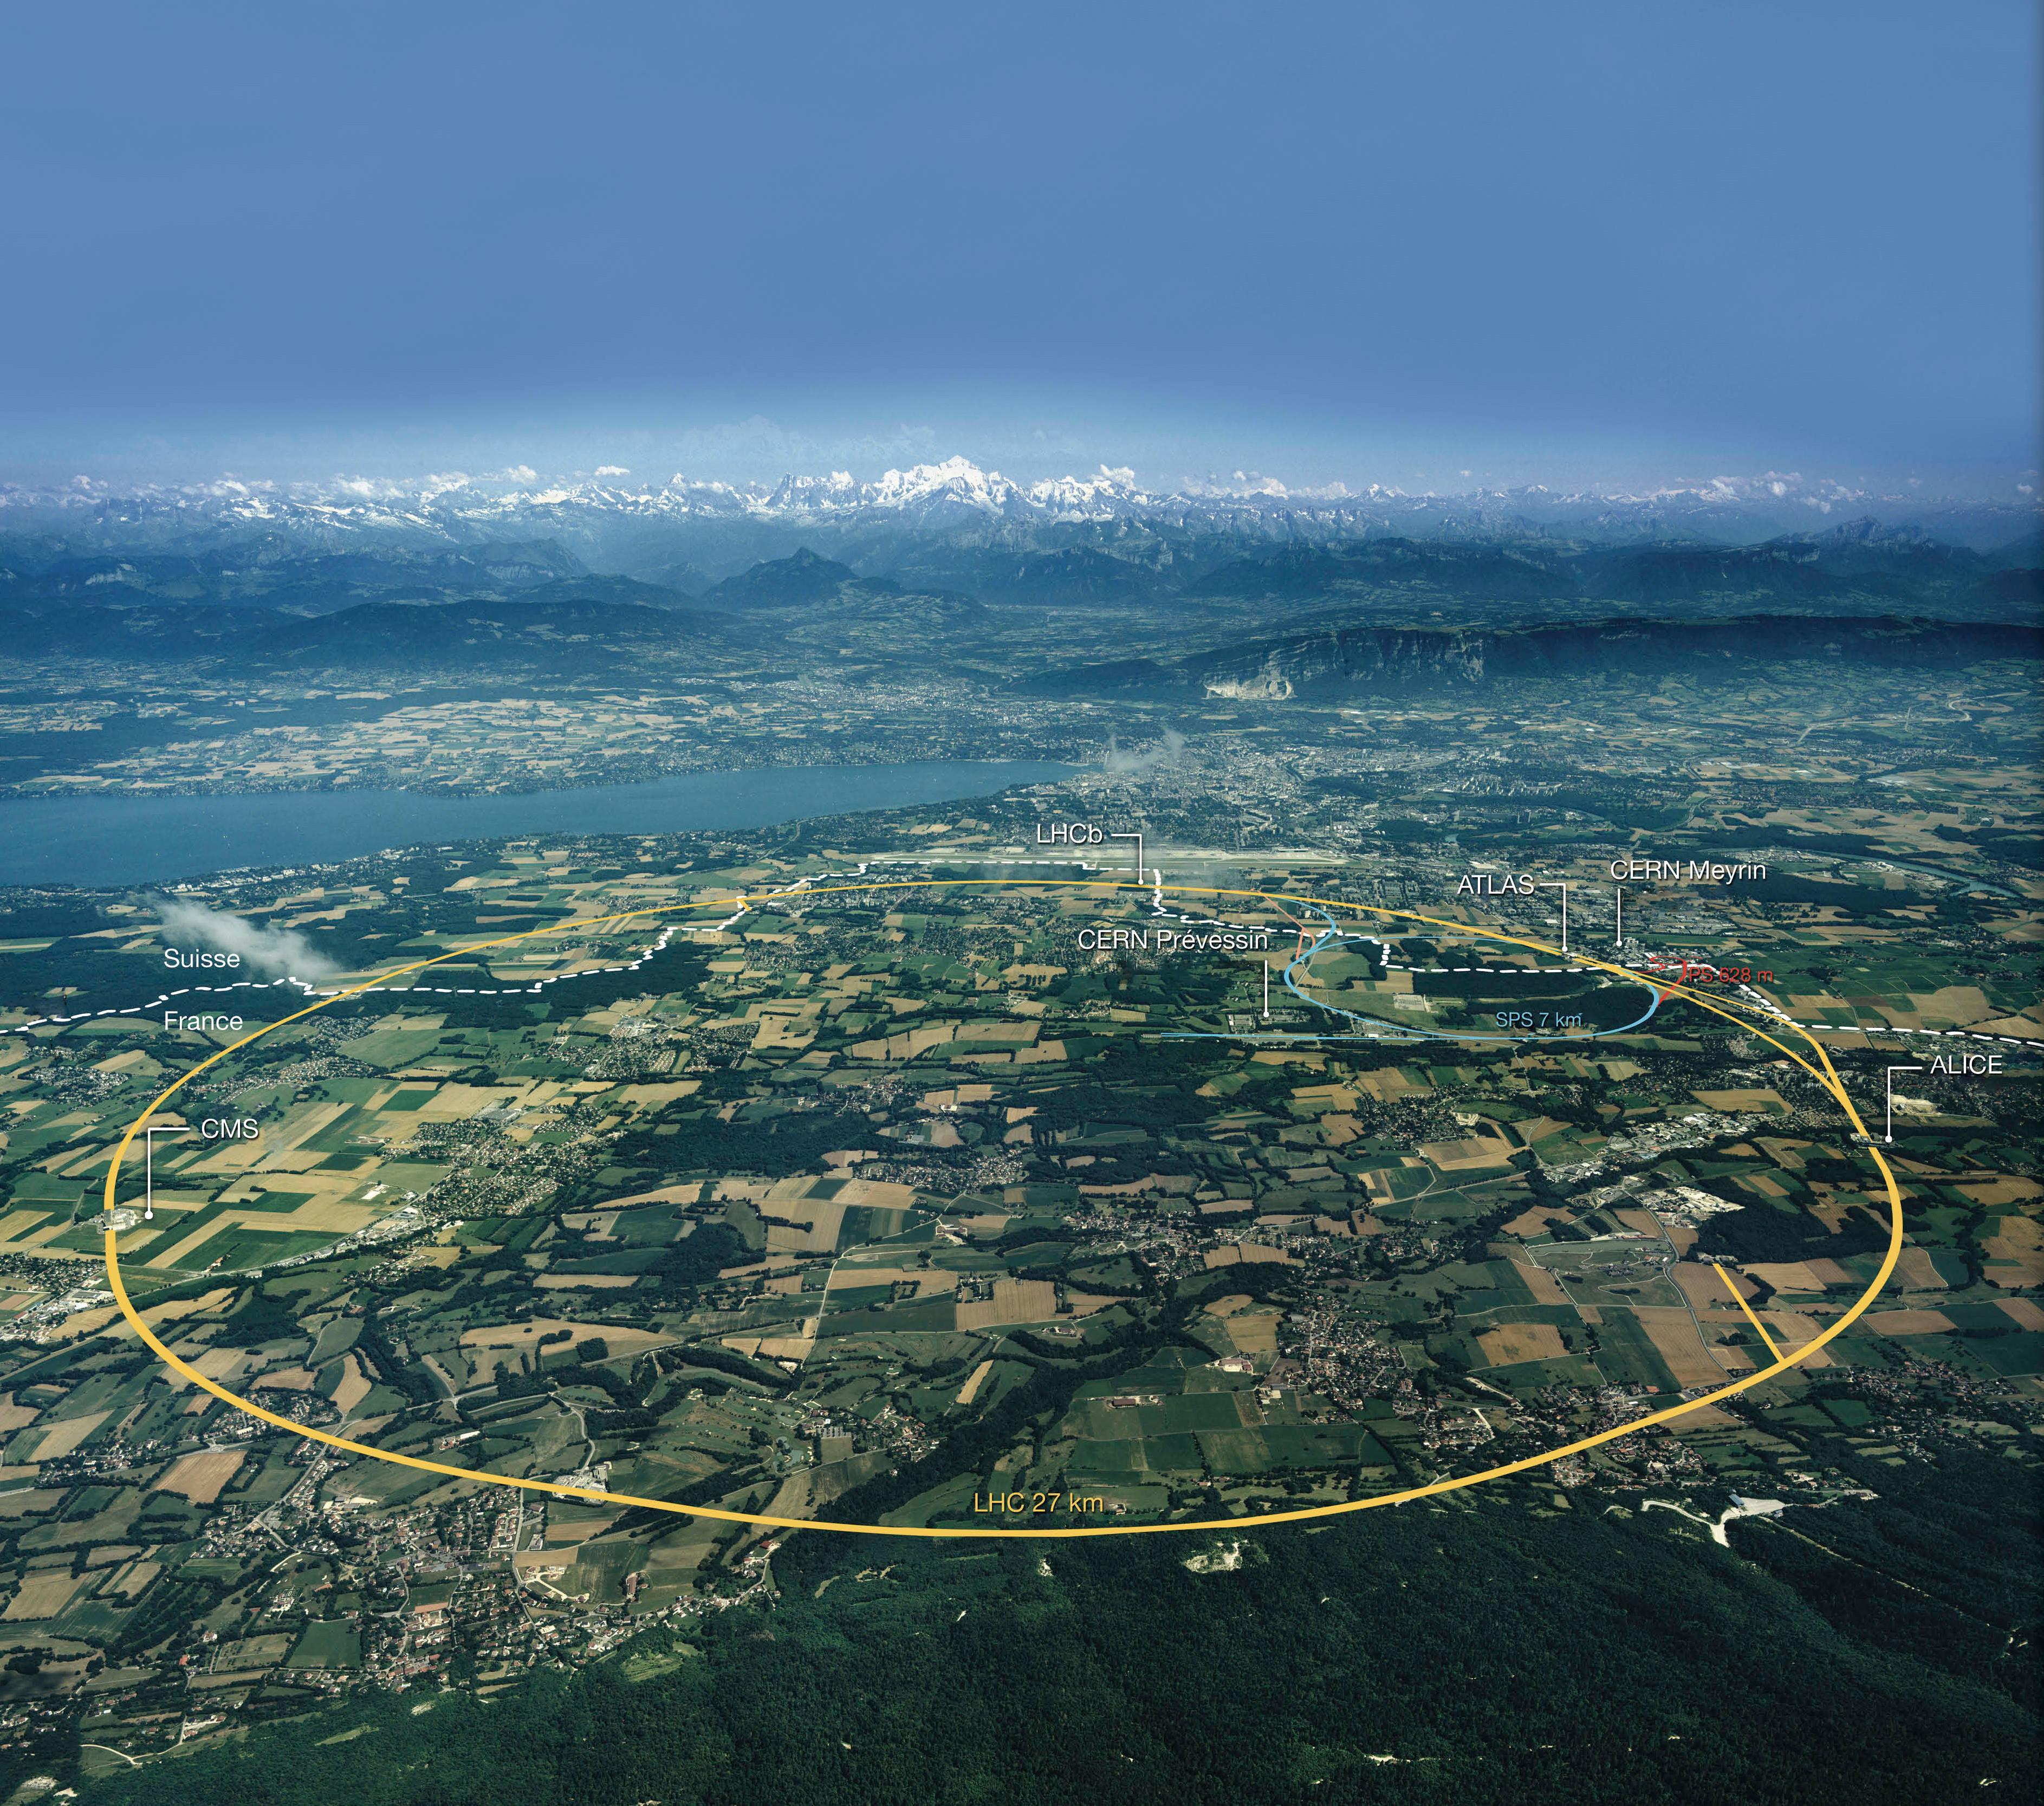 Luftfoto af området omkring det europæiske partikelforskningscenter CERN med Genève og udløbet af Lac Leman-søen til venstre og Mont Blanc i baggrunden. Grænsen mellem Schweiz og Frankrig er angivet med den stiplede linje. Verdens største accelerator, LHC-acceleratoren, ligger langs den gule linje 50-150 m under jorden i en 27 km lang tunnel. | Foto: CERN.